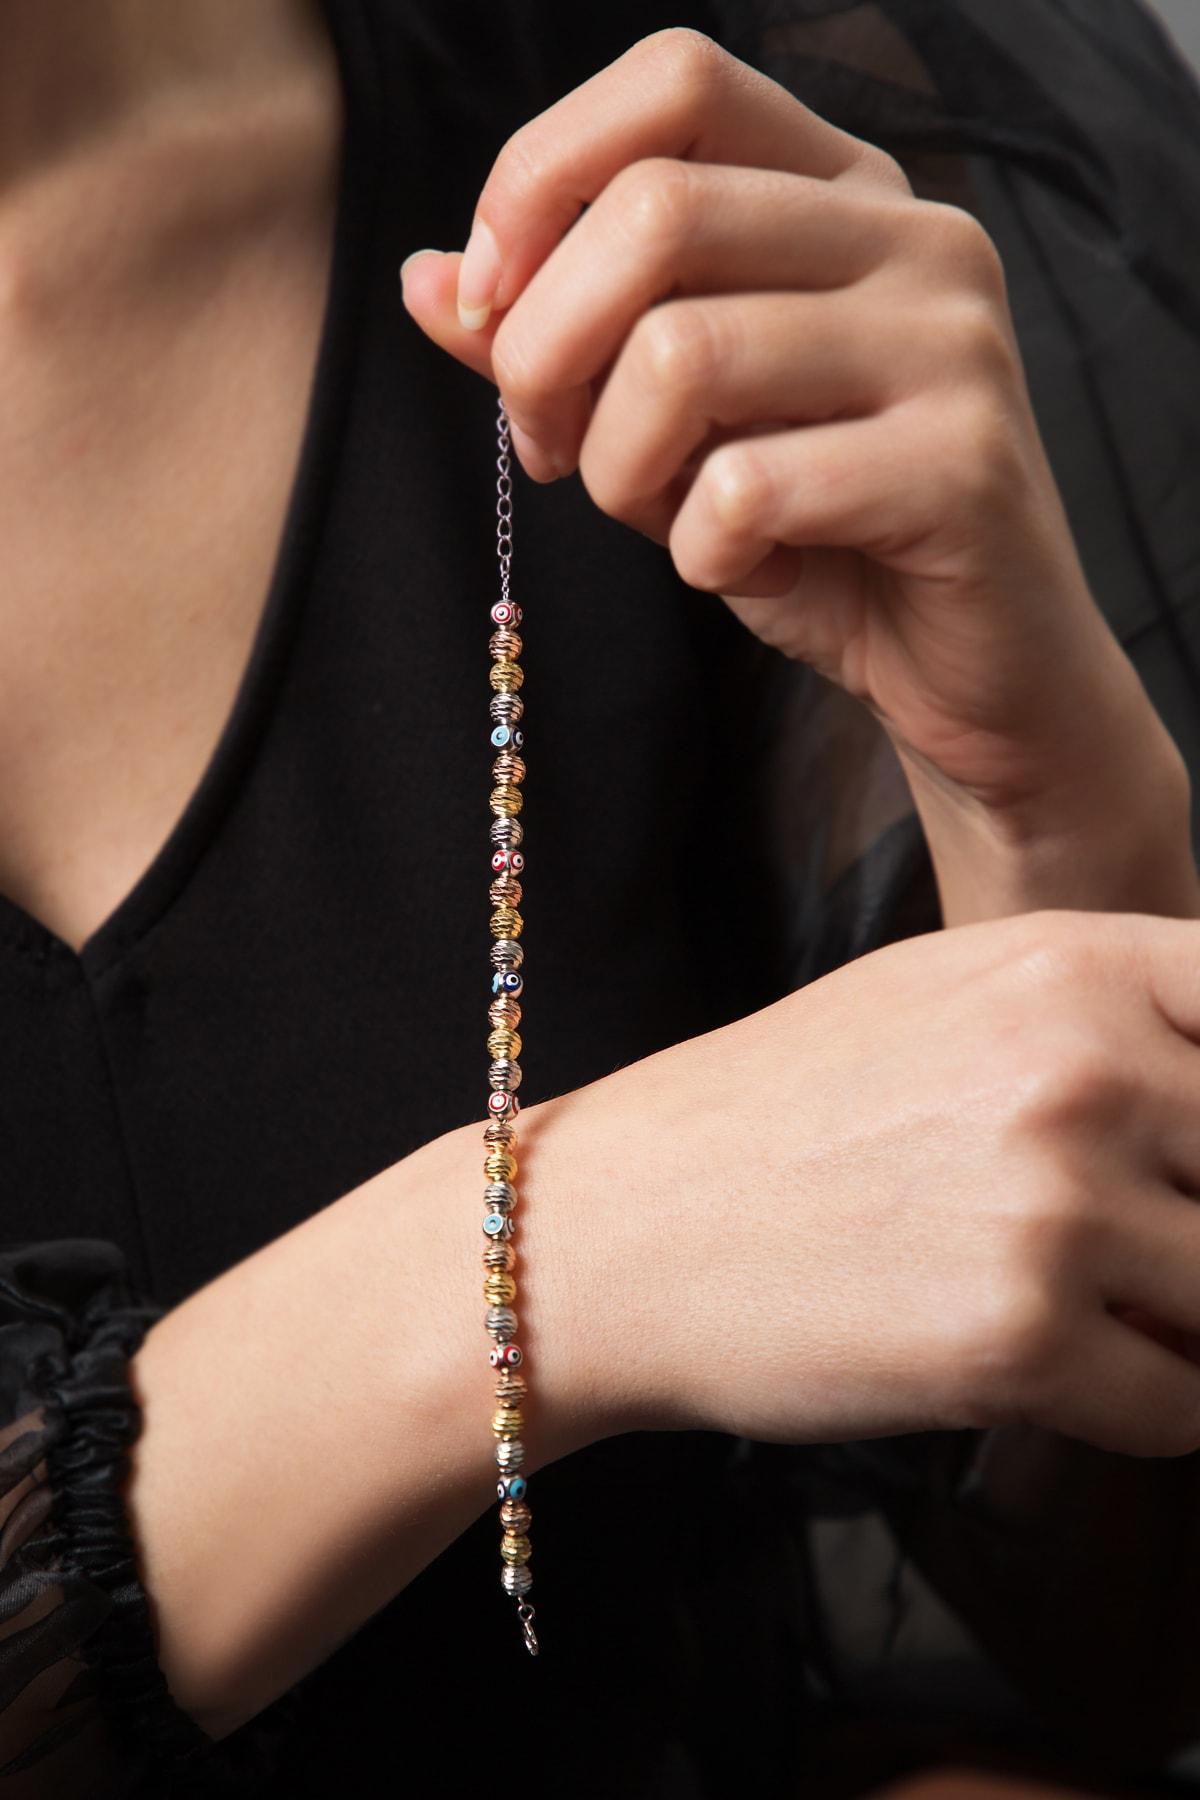 Elika Silver Kadın Nazar Boncuklu 3 Renkli  Dorika Karışık 925 Ayar Gümüş Bileklik 2